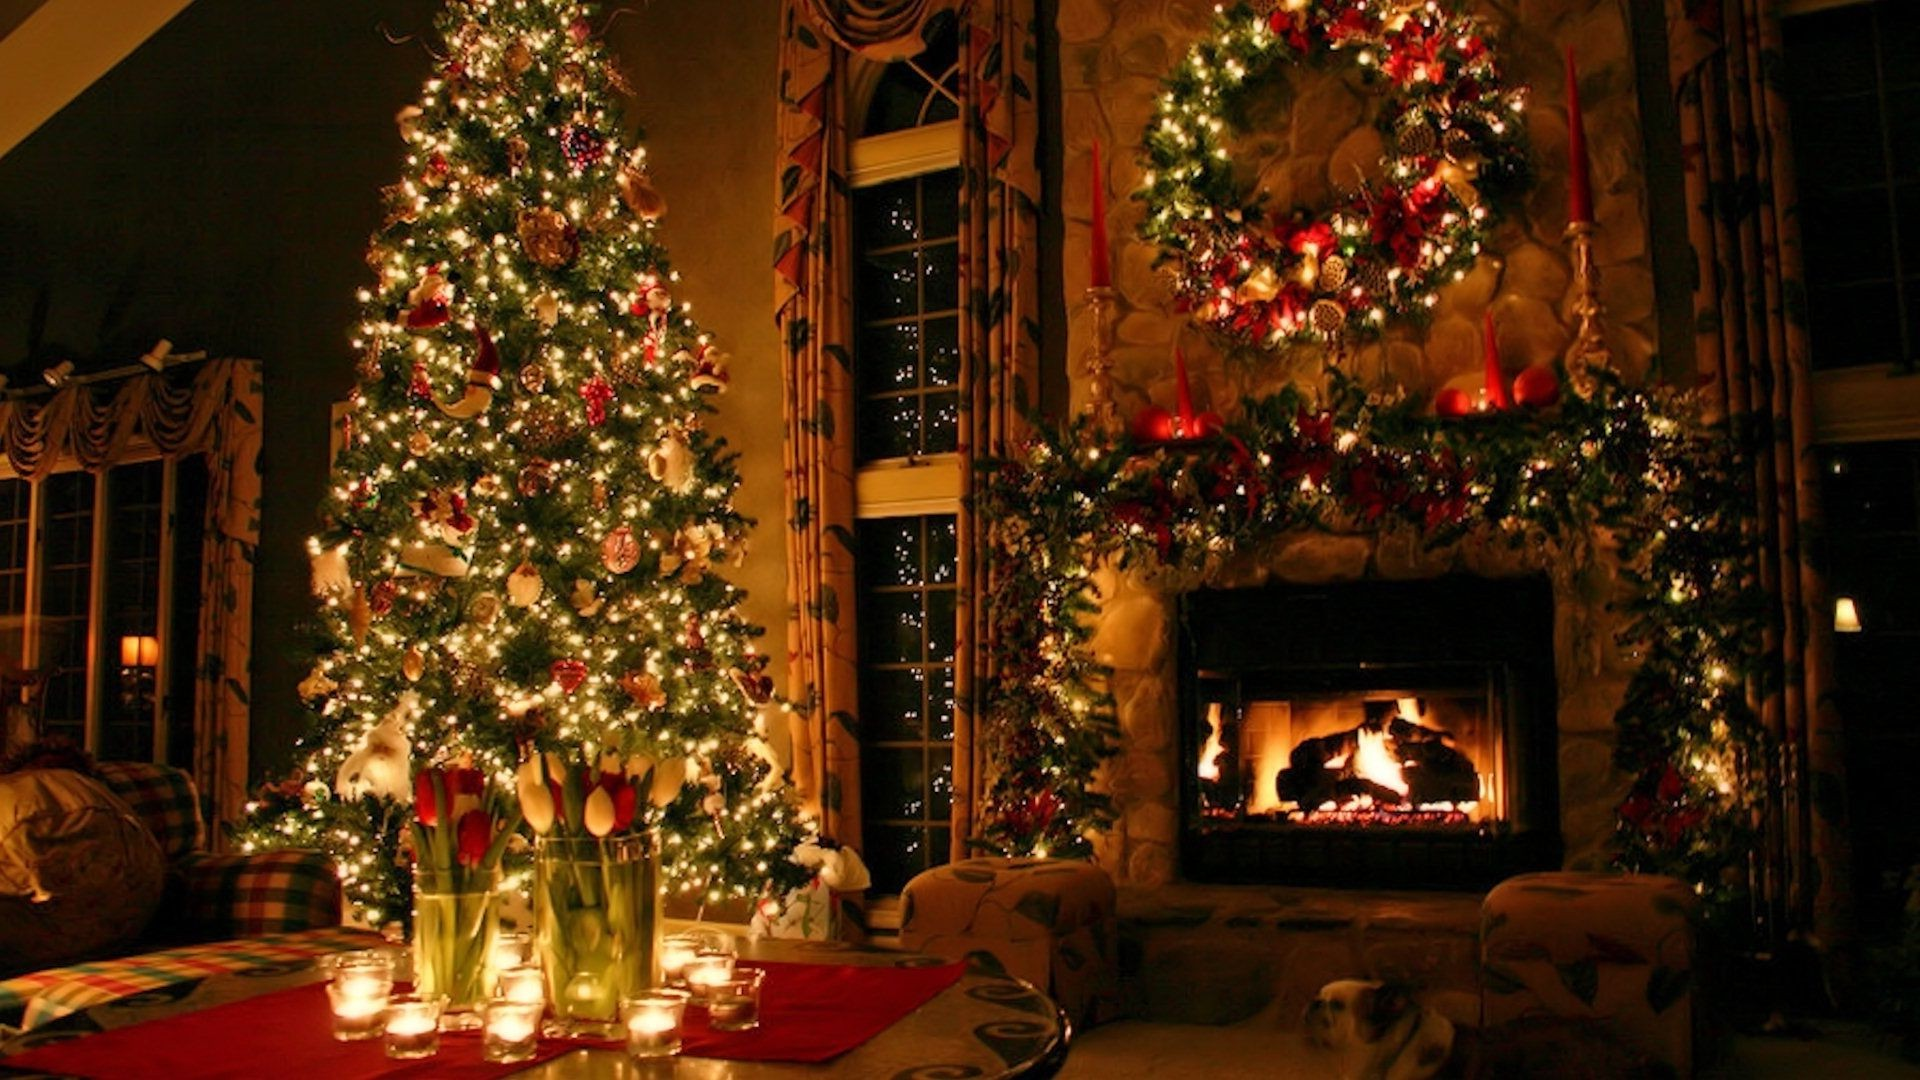 праздник новый год украшения дом в хорошем качестве